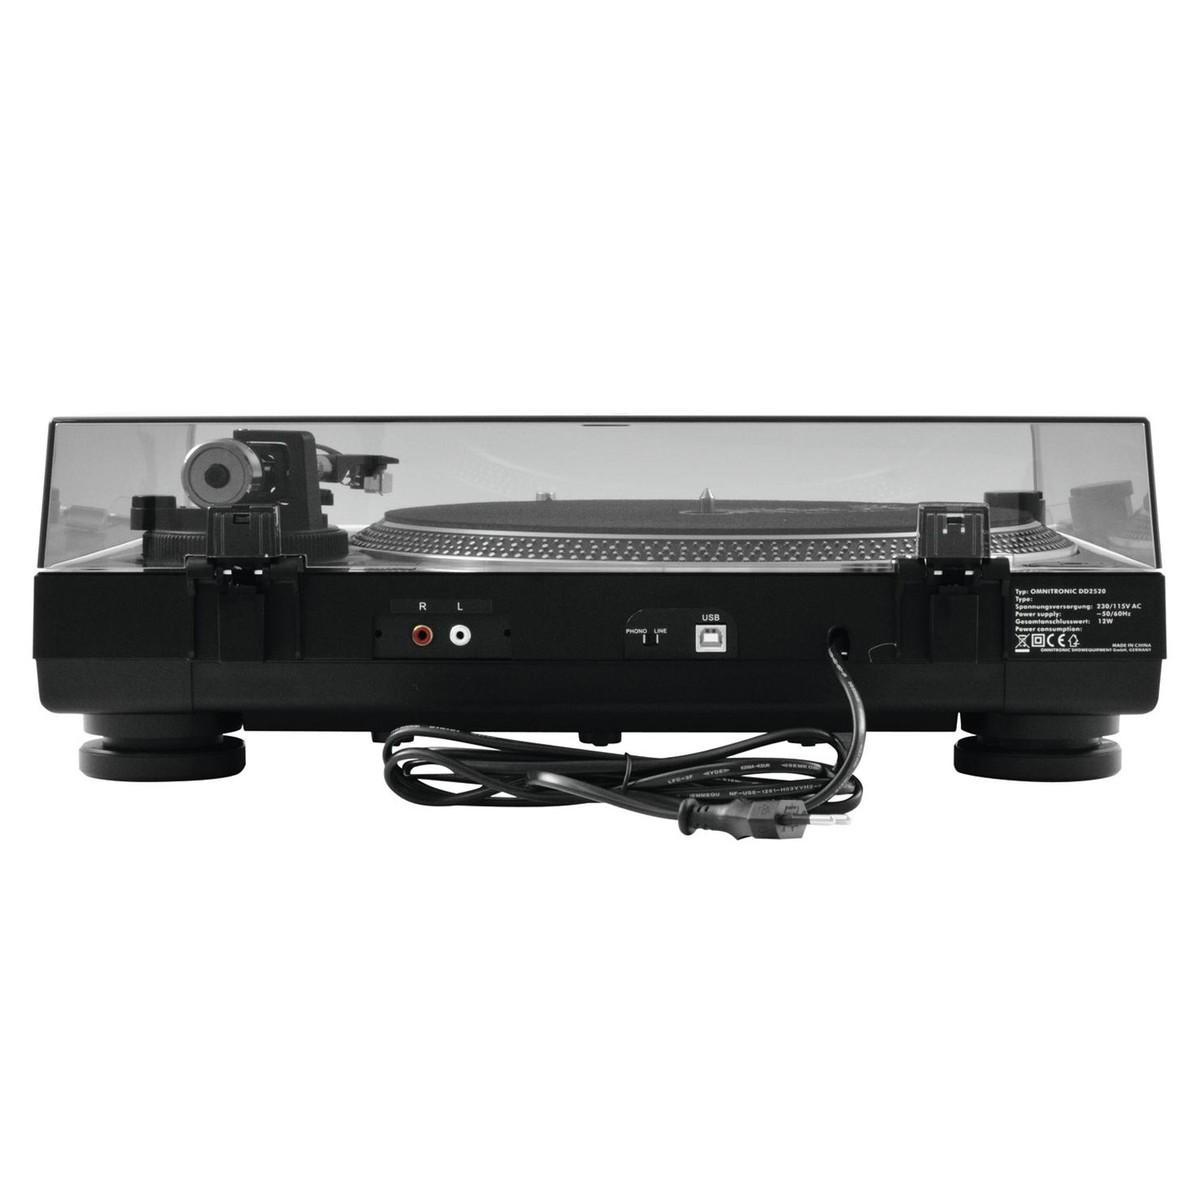 OMNITRONIC DD-2520 USB BLACK GIRADISCHI PER DJ TRAZIONE DIRETTA NERO 5